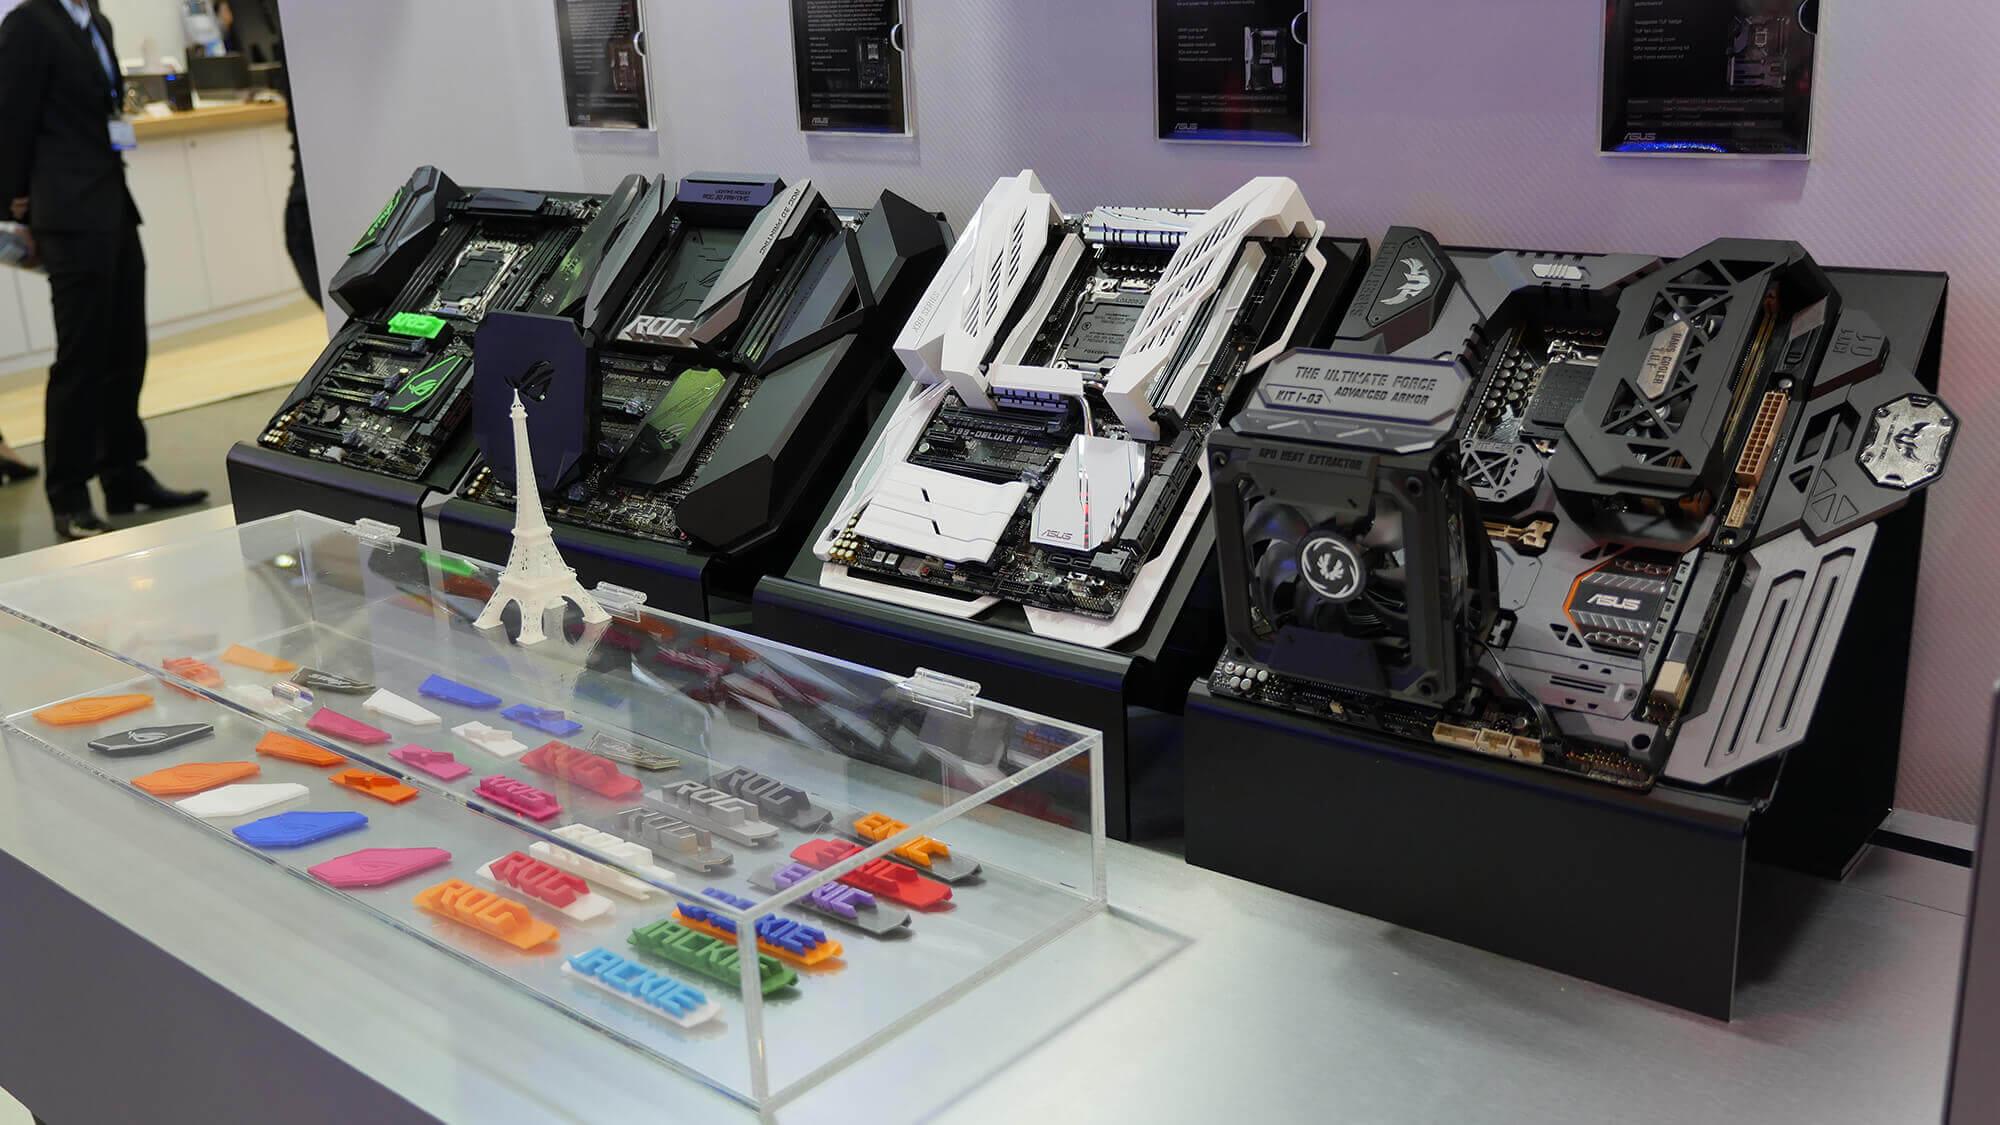 Asus-Computerkomponenten aus einem 3D-Drucker (Bild © rog.asus.com).